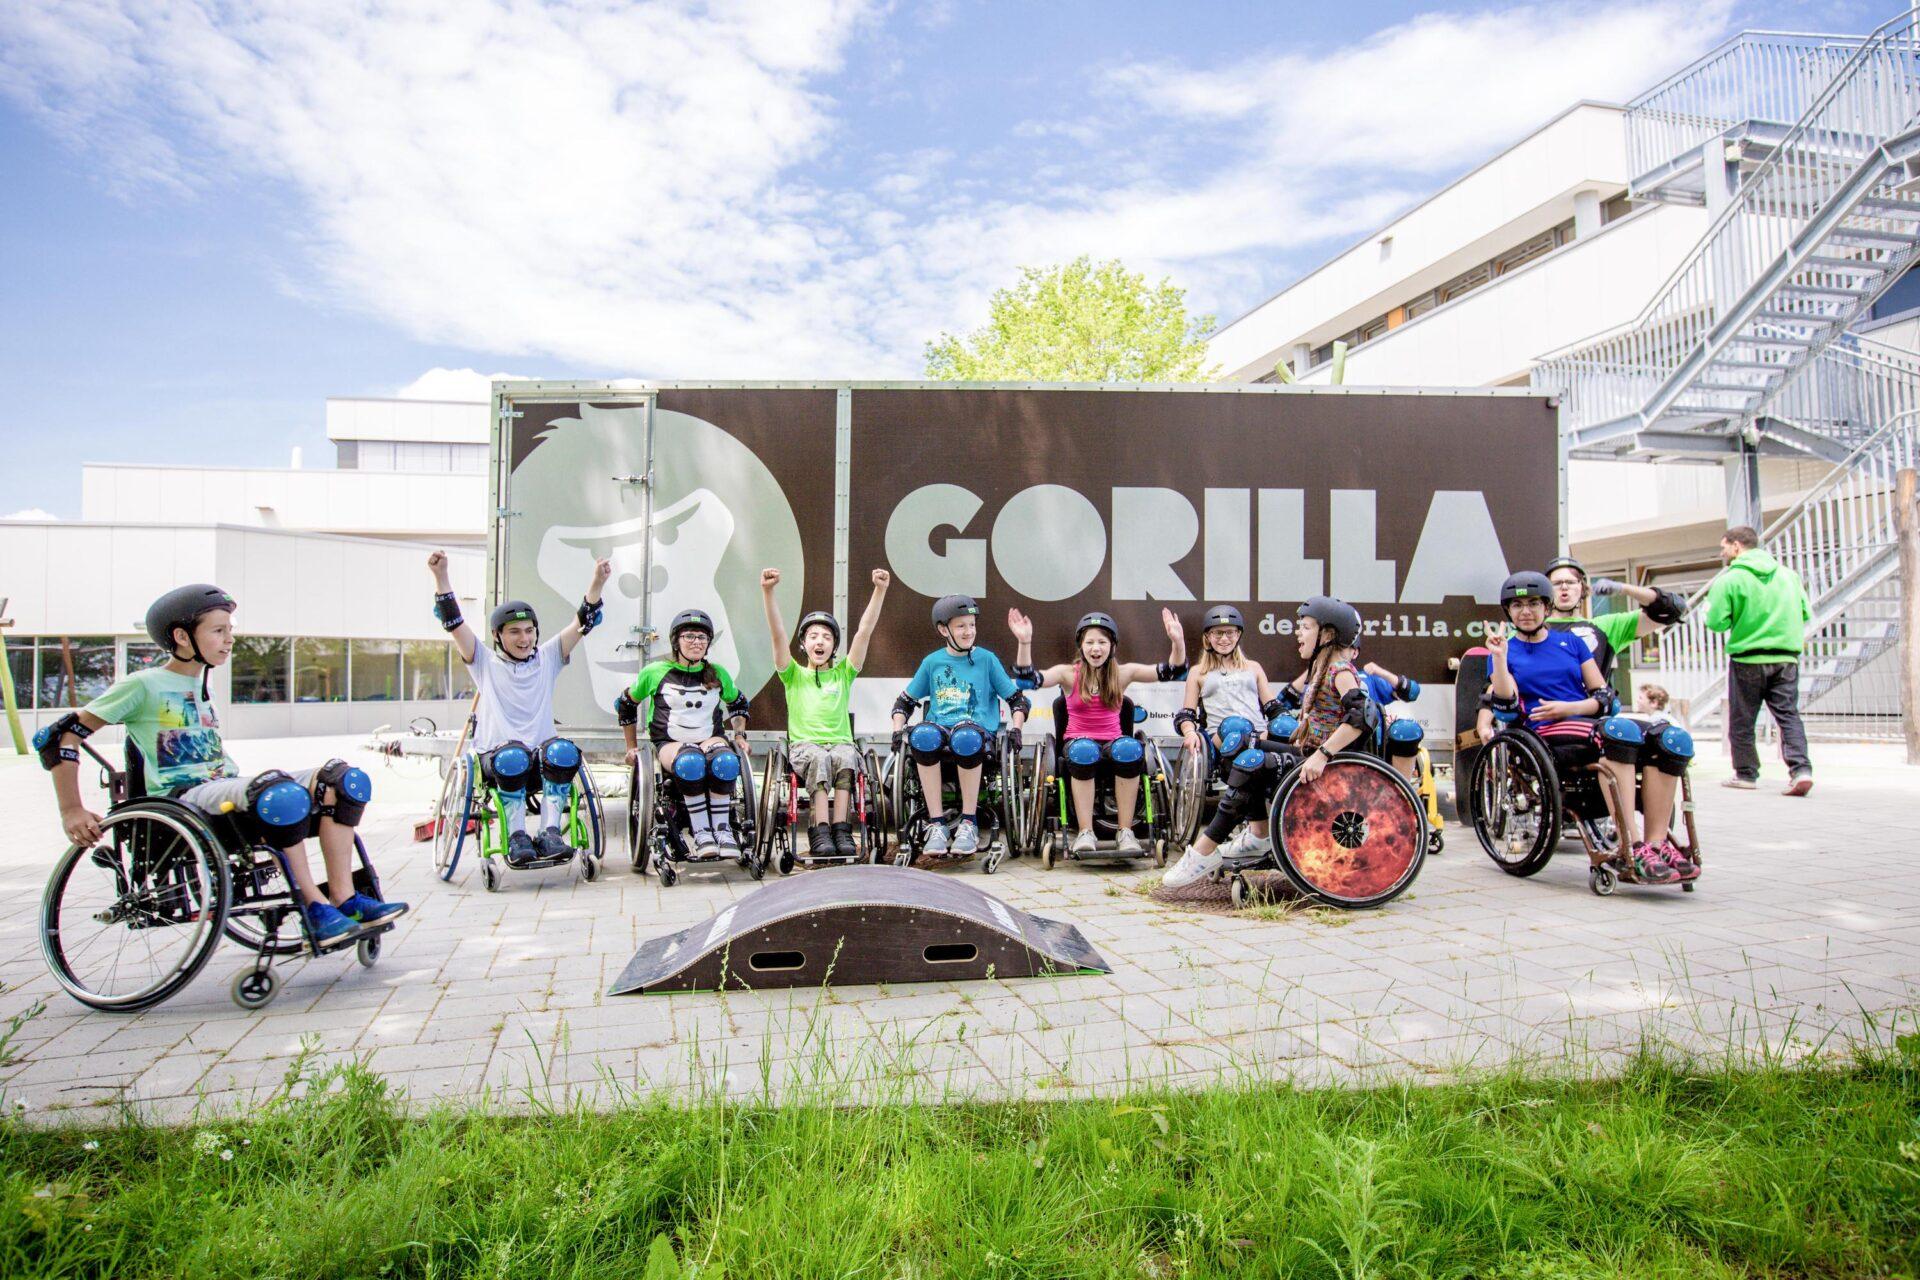 Gruppe von Kids im Rollstuhl reissen die Haende in die Hoehe im Rahmen eines GORILLA Workshops.